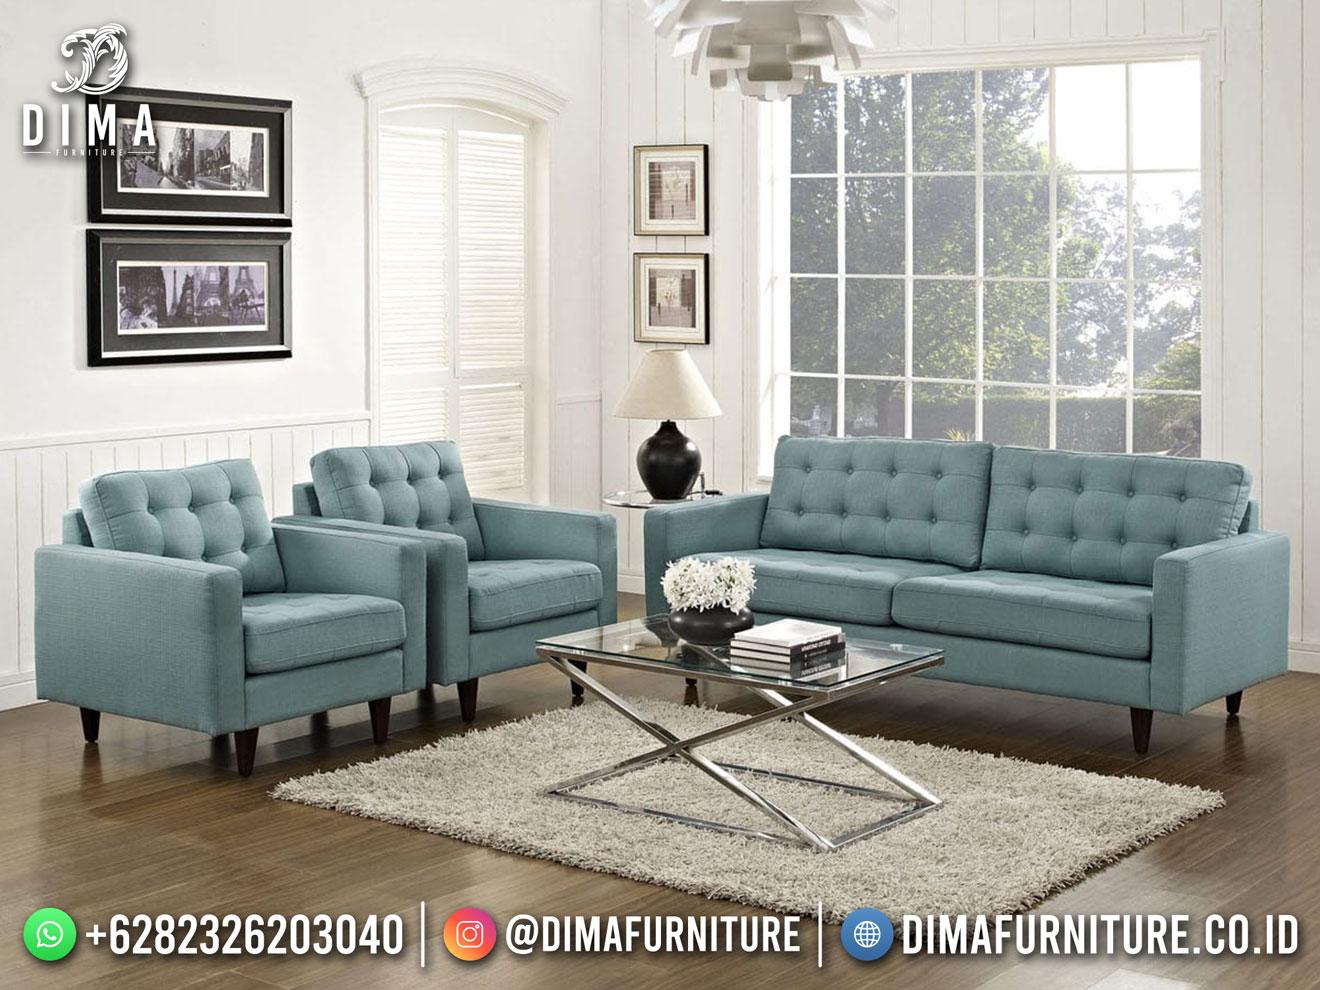 Ide Kursi Sofa Tamu Terbaru Furniture Jepara Exclusive Design 017